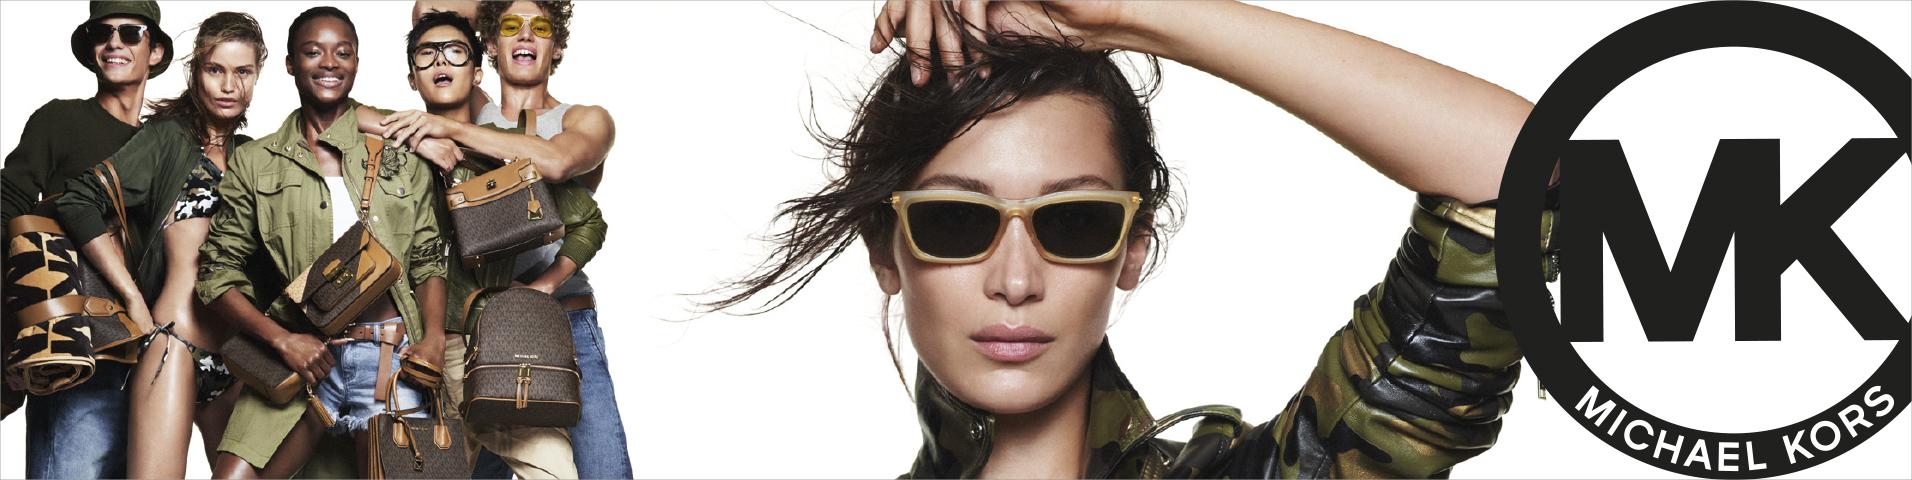 2fa49e475 Michael Kors Solbriller – Damer – Køb din nye solbrille online hos ...